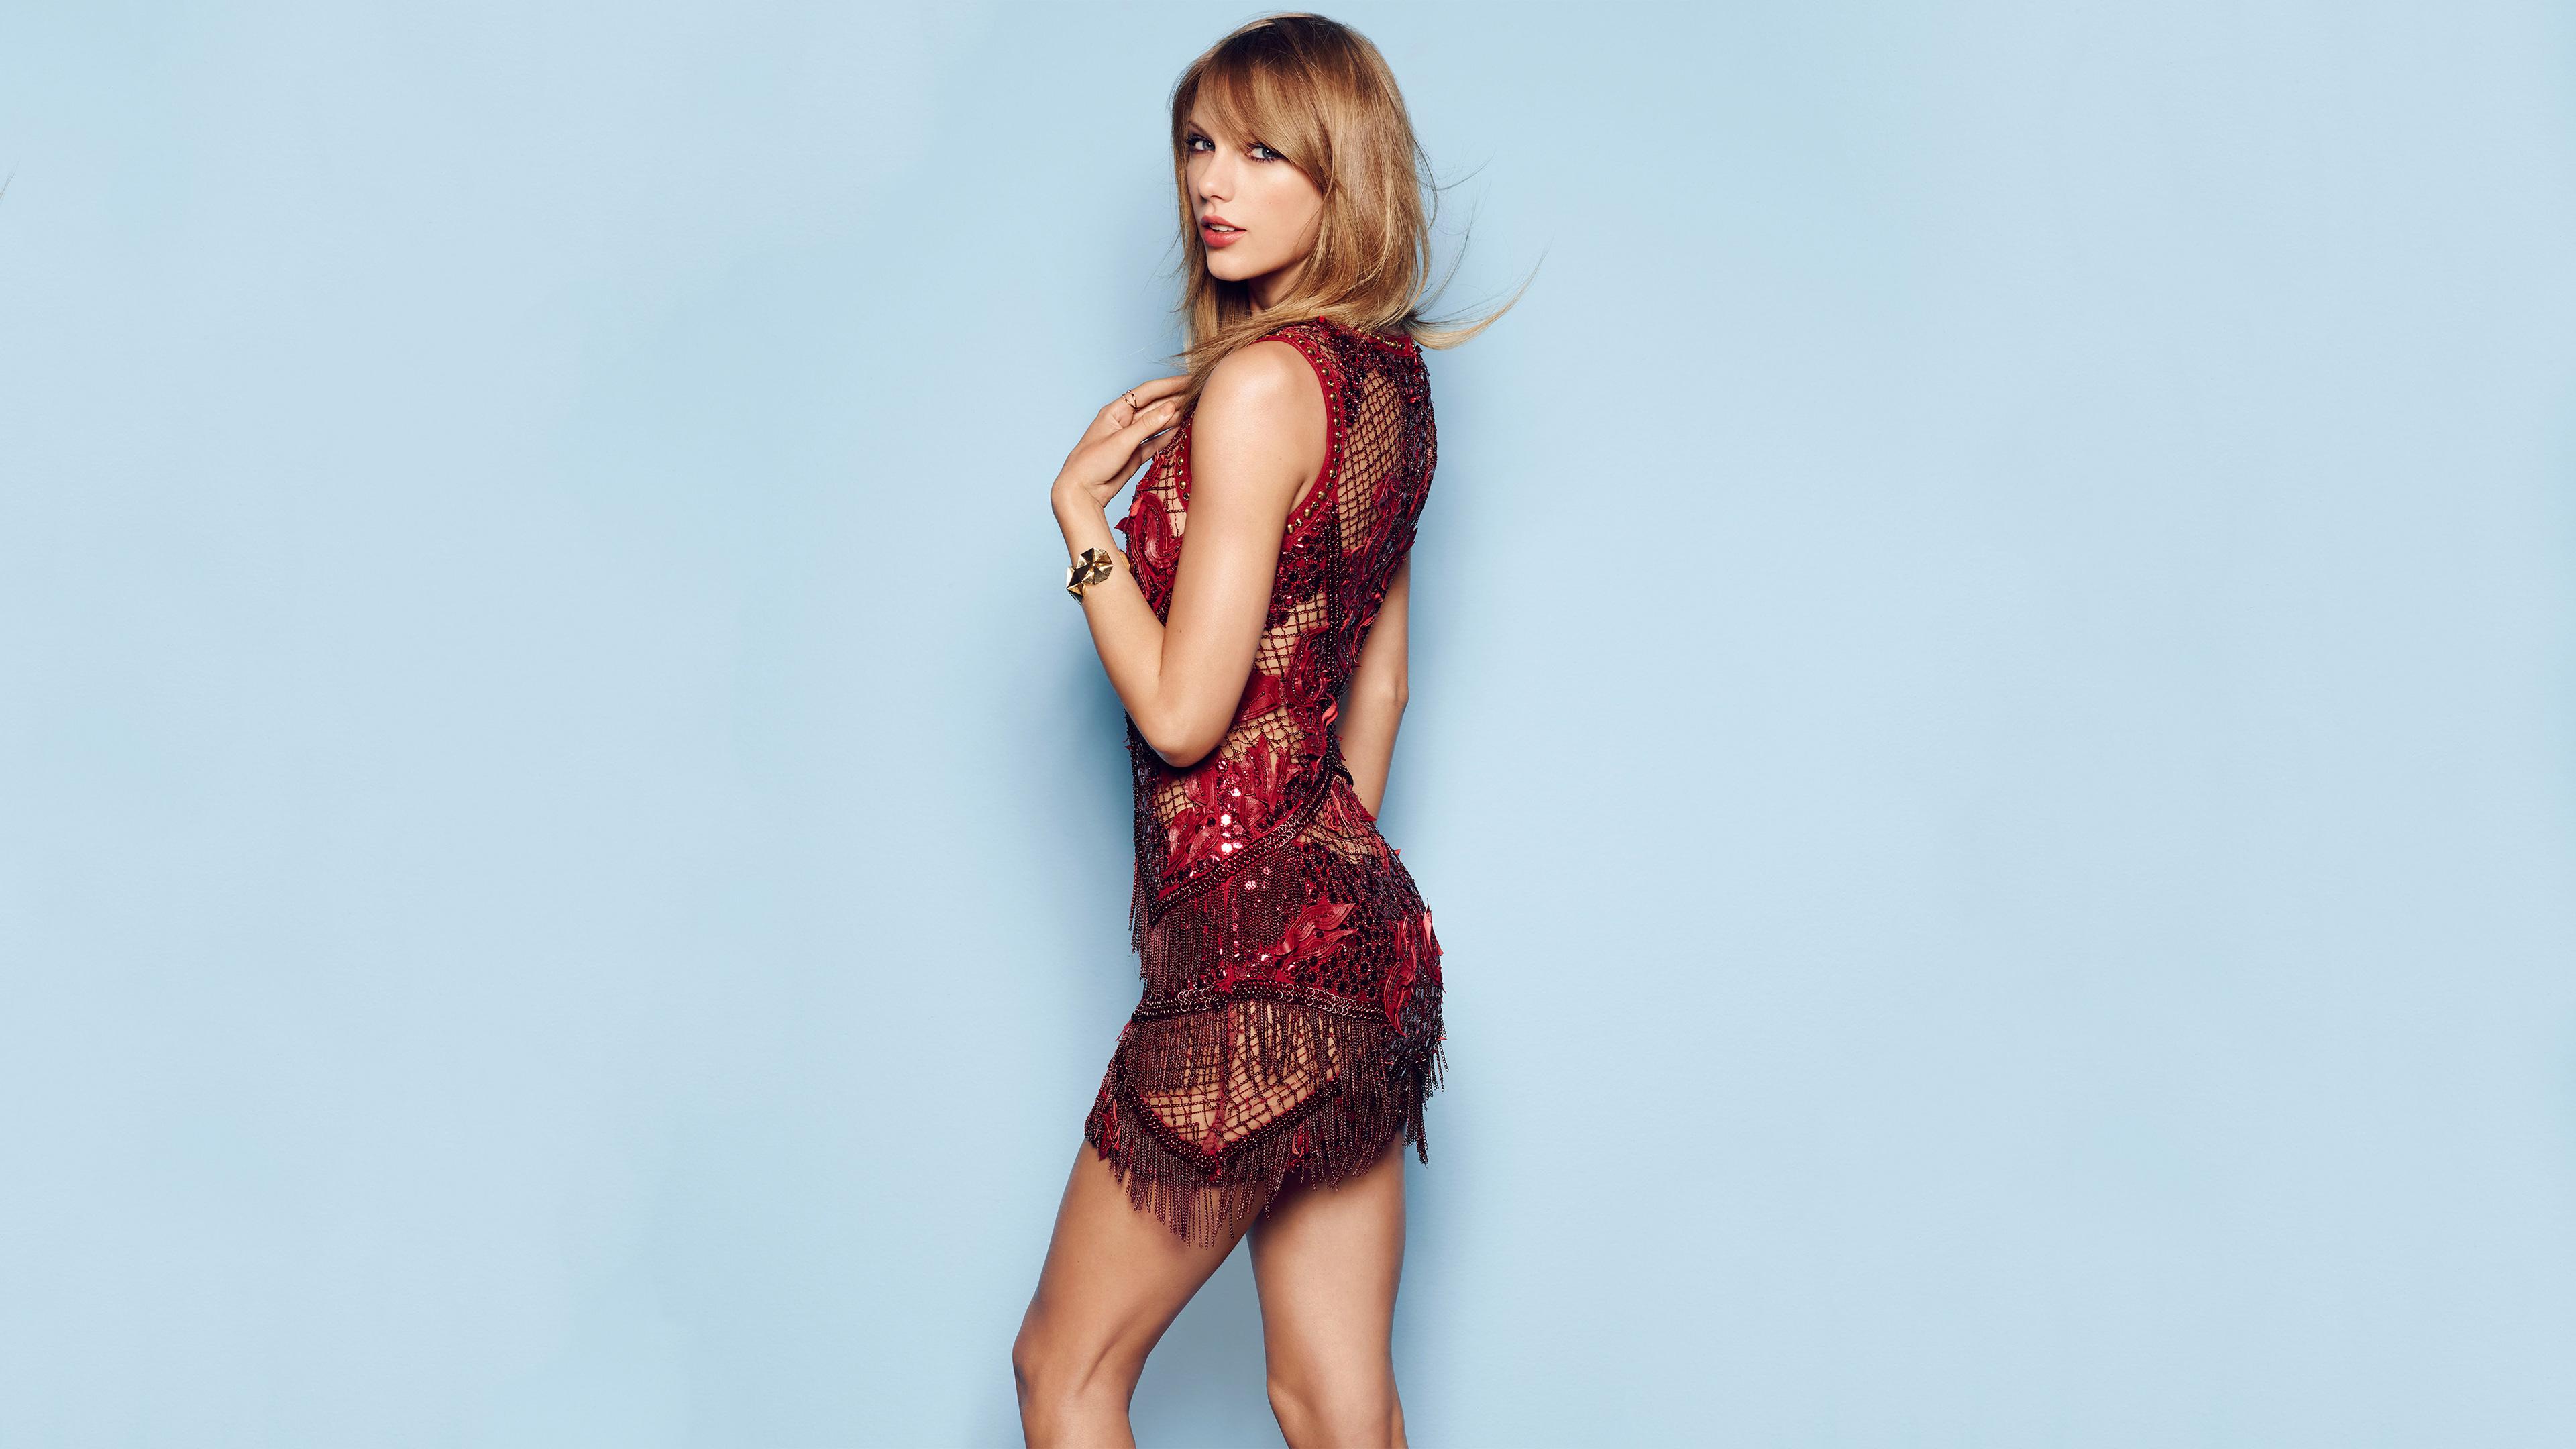 taylor swift cosmopolitan 1536946377 - Taylor Swift Cosmopolitan - taylor swift wallpapers, singer wallpapers, music wallpapers, hd-wallpapers, celebrities wallpapers, 4k-wallpapers